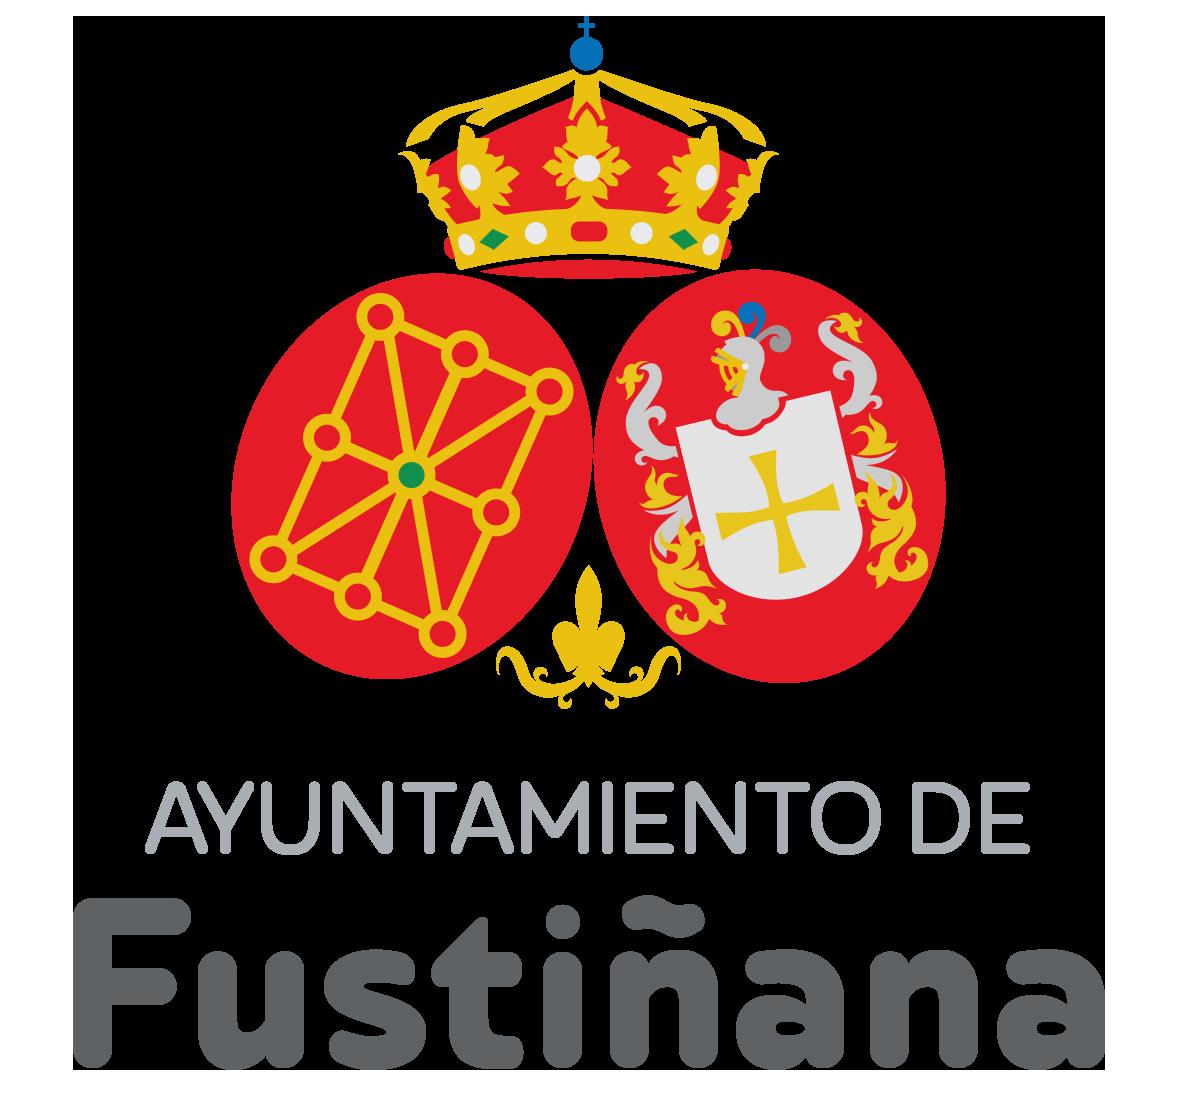 Fustinana_logo